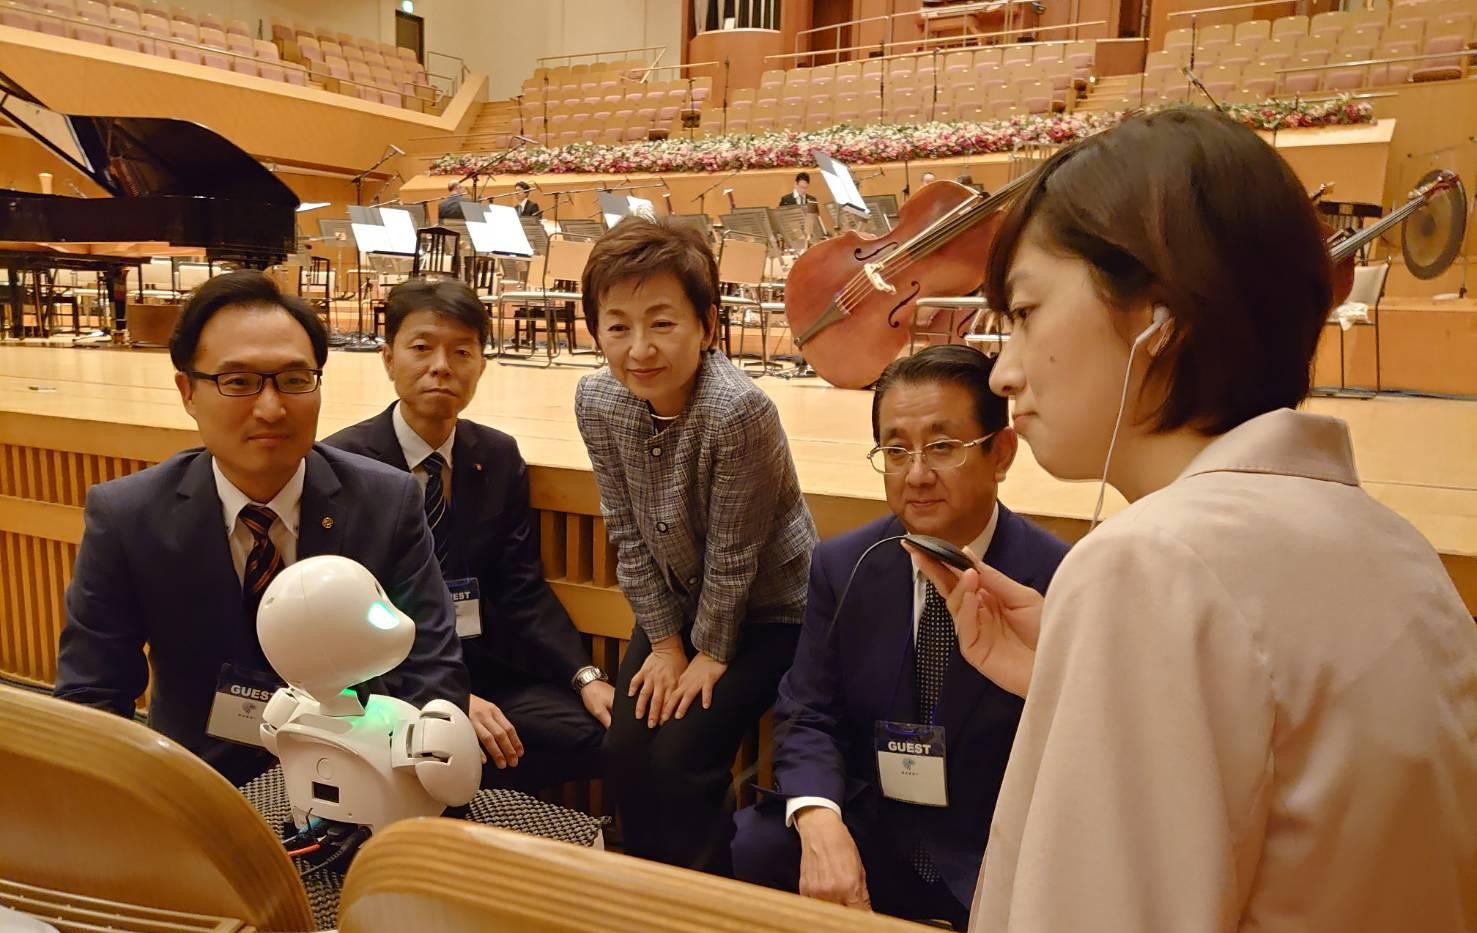 分身ロボット「ORIHIME」の視察(2019年11月)